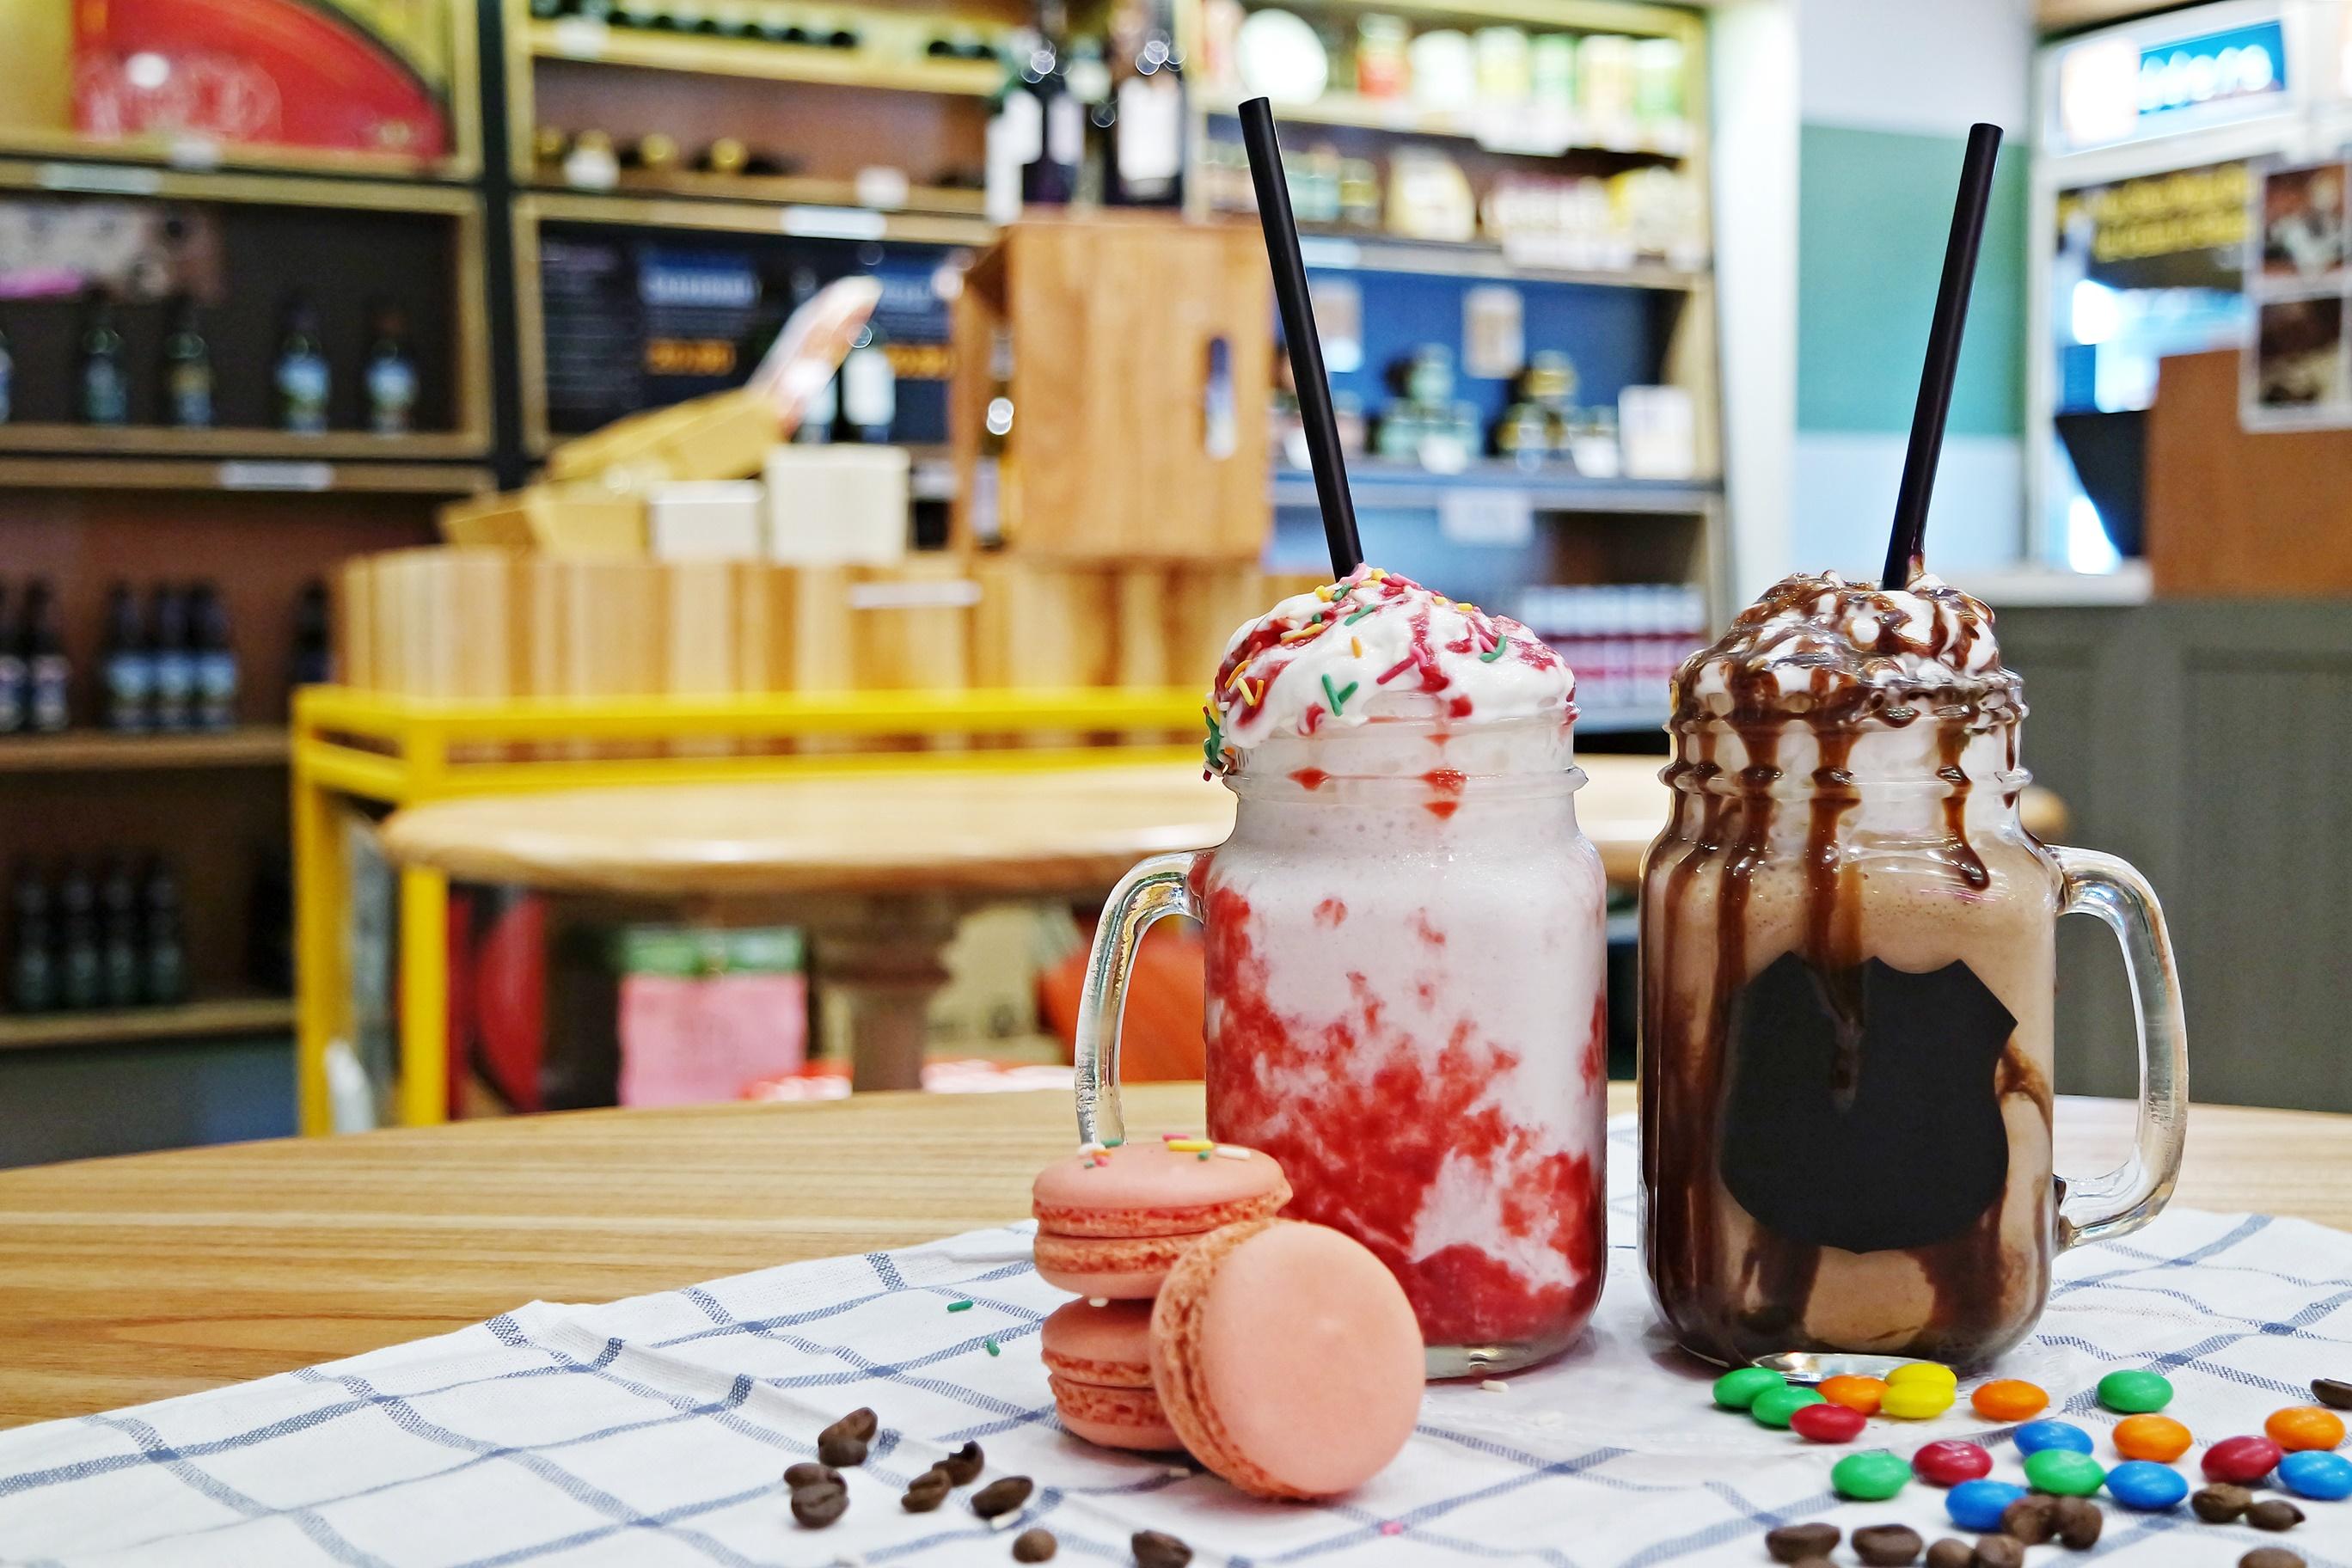 Strawberry & Chocolate Classic Milkshakes